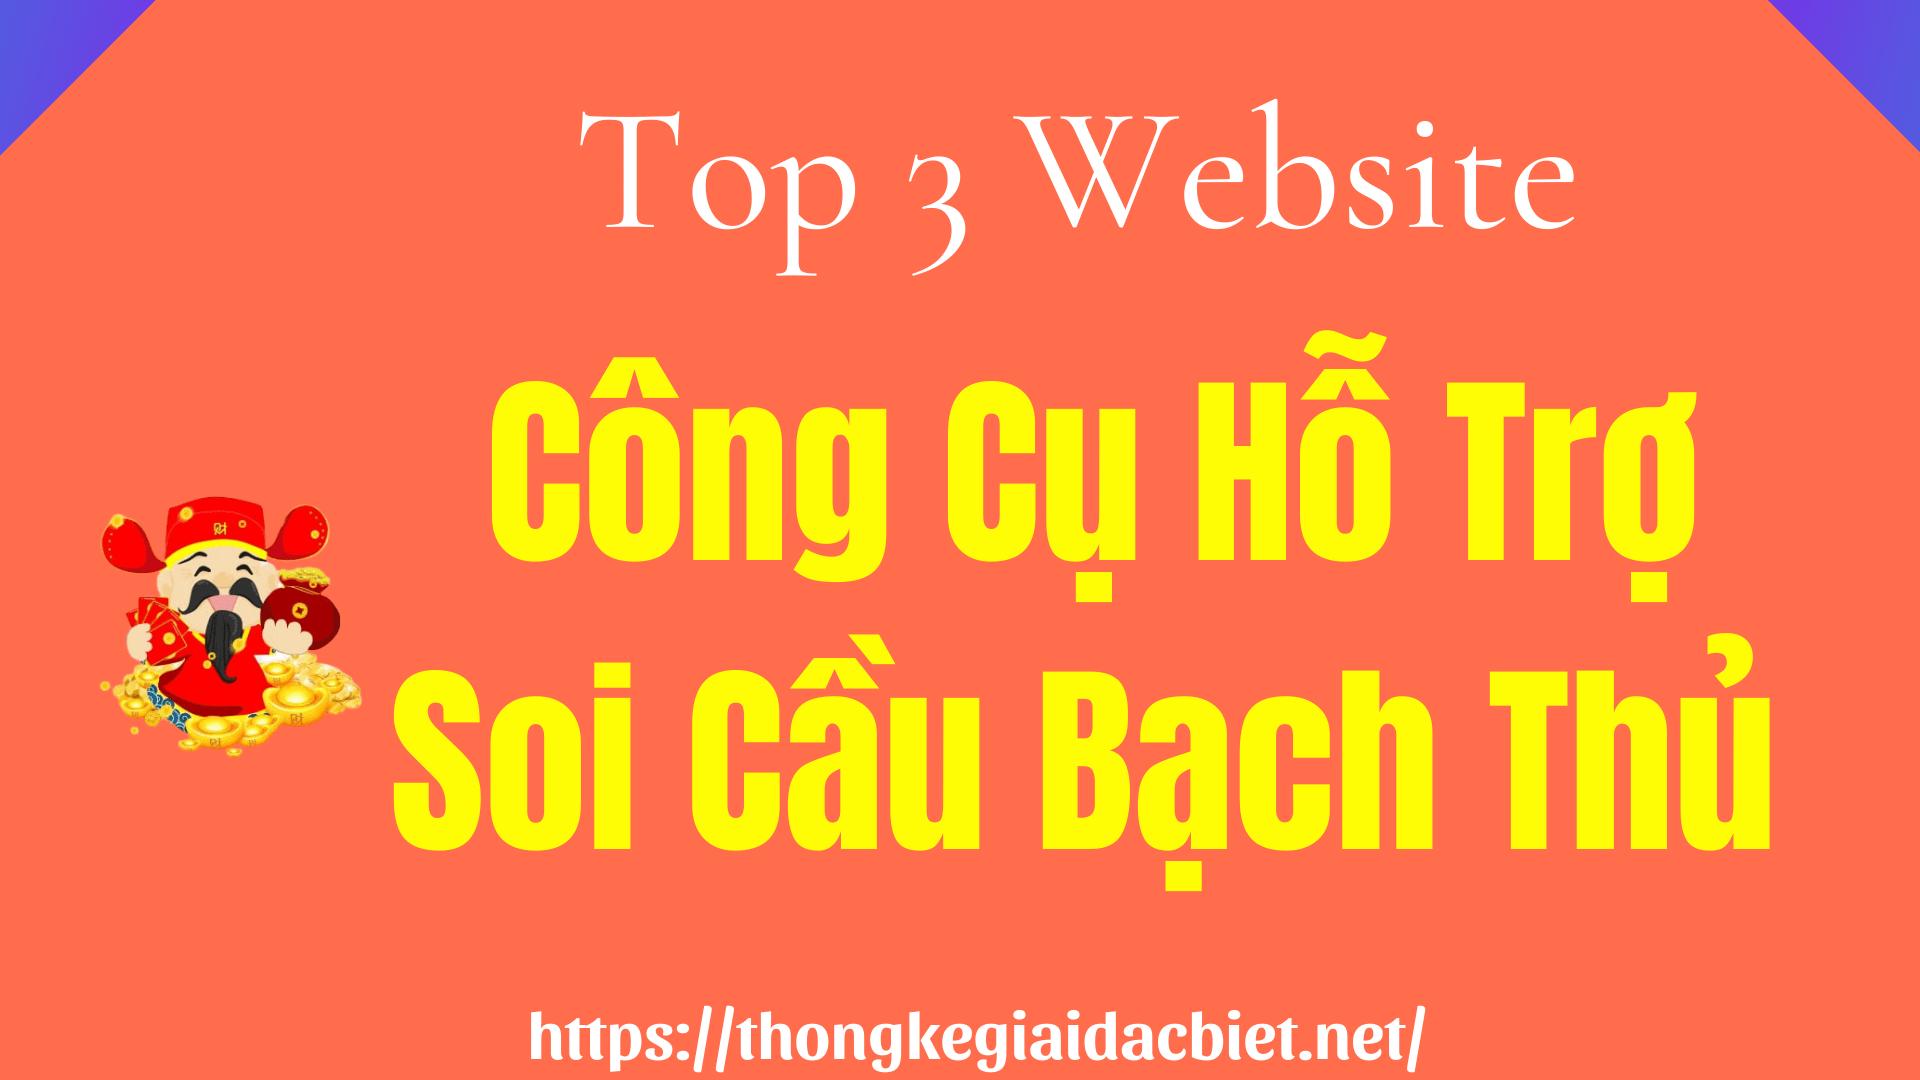 Top 3 Website Có Công Cụ Hỗ Trợ Soi Cầu Bạch Thủ Hot Nhất